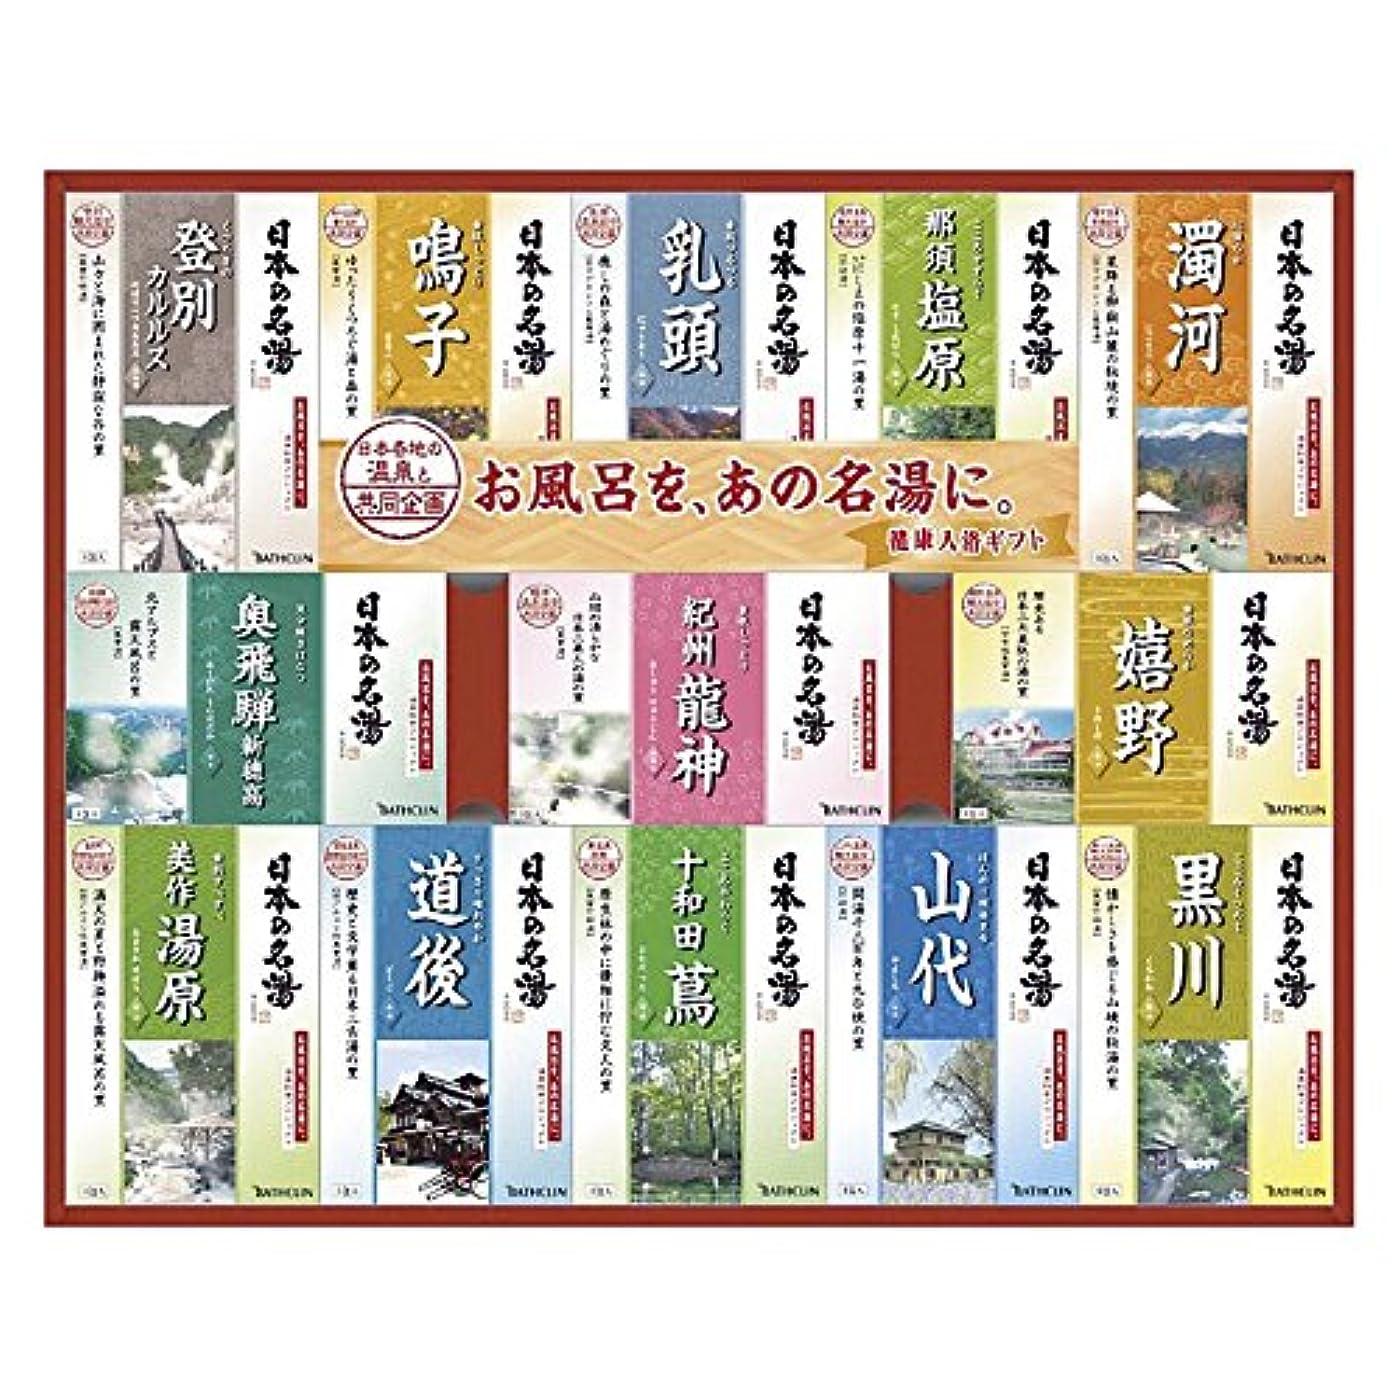 アセ会話ボイコットバスクリン 日本の名湯 ギフトセット NMG-50F 【個包装 セット 詰め合わせ 疲労回復 ご褒美 贅沢 プチギフト 温まる 温泉 粉 ご当地 まとめ買い 名湯 リラックス 美肌 つめあわせ やさしい やすらぎ】